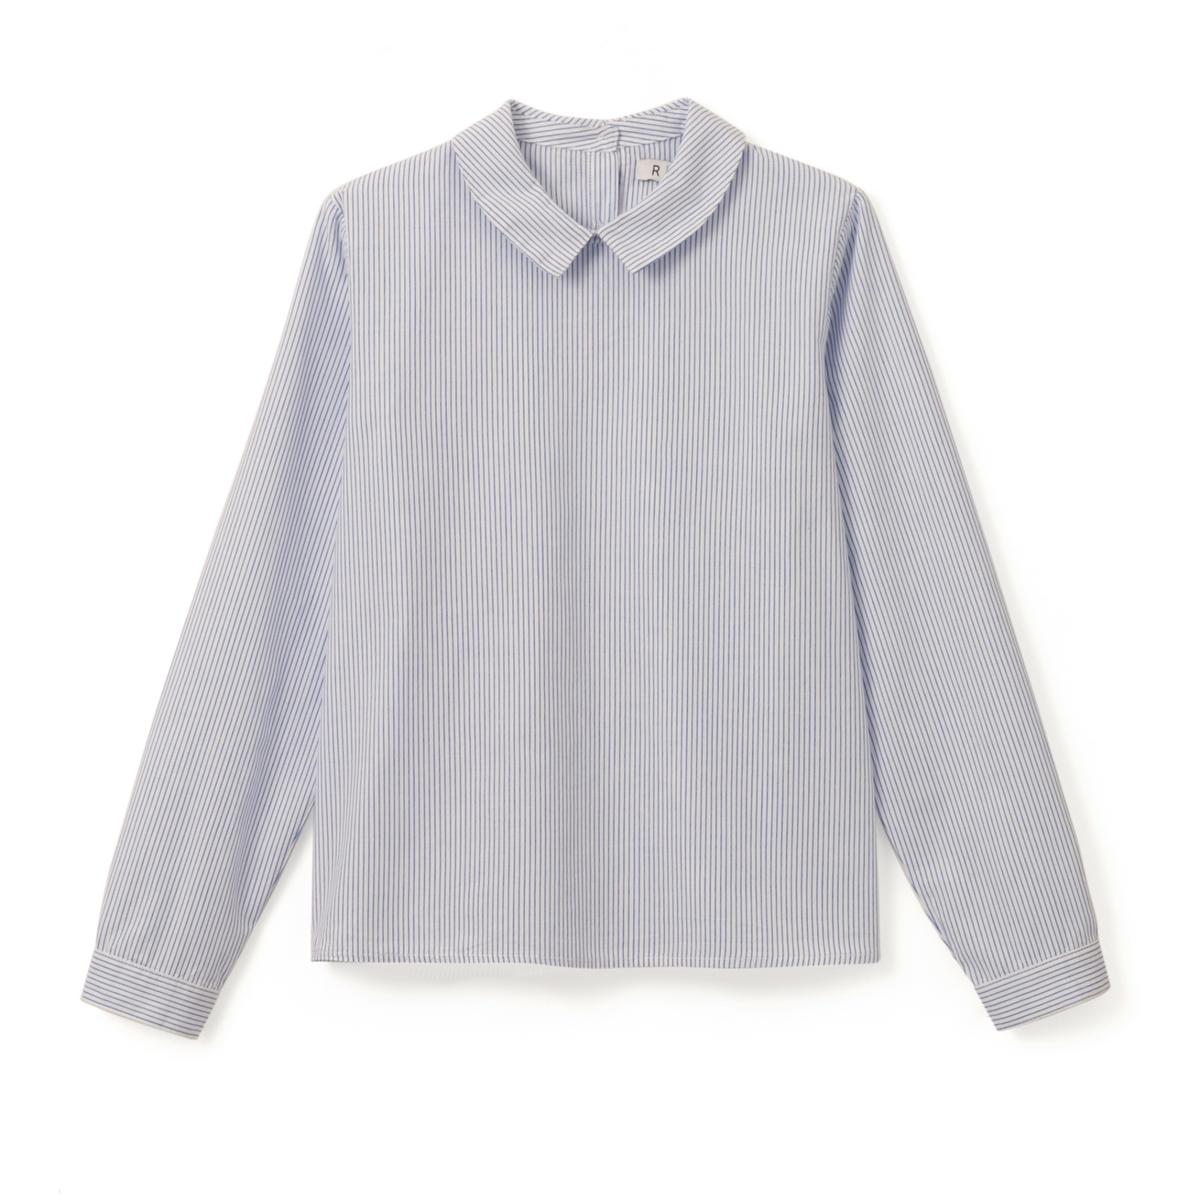 Рубашка в полоску с застежкой на пуговицы сзади, 10-16 летСостав и описание :    Материал       100% хлопок  Уход : Машинная стирка при 30 °C с вещами схожих цветов. Машинная сушка в умеренном режиме. Гладить при средней температуре.<br><br>Цвет: в полоску синий/белый<br>Размер: 12 лет -150 см